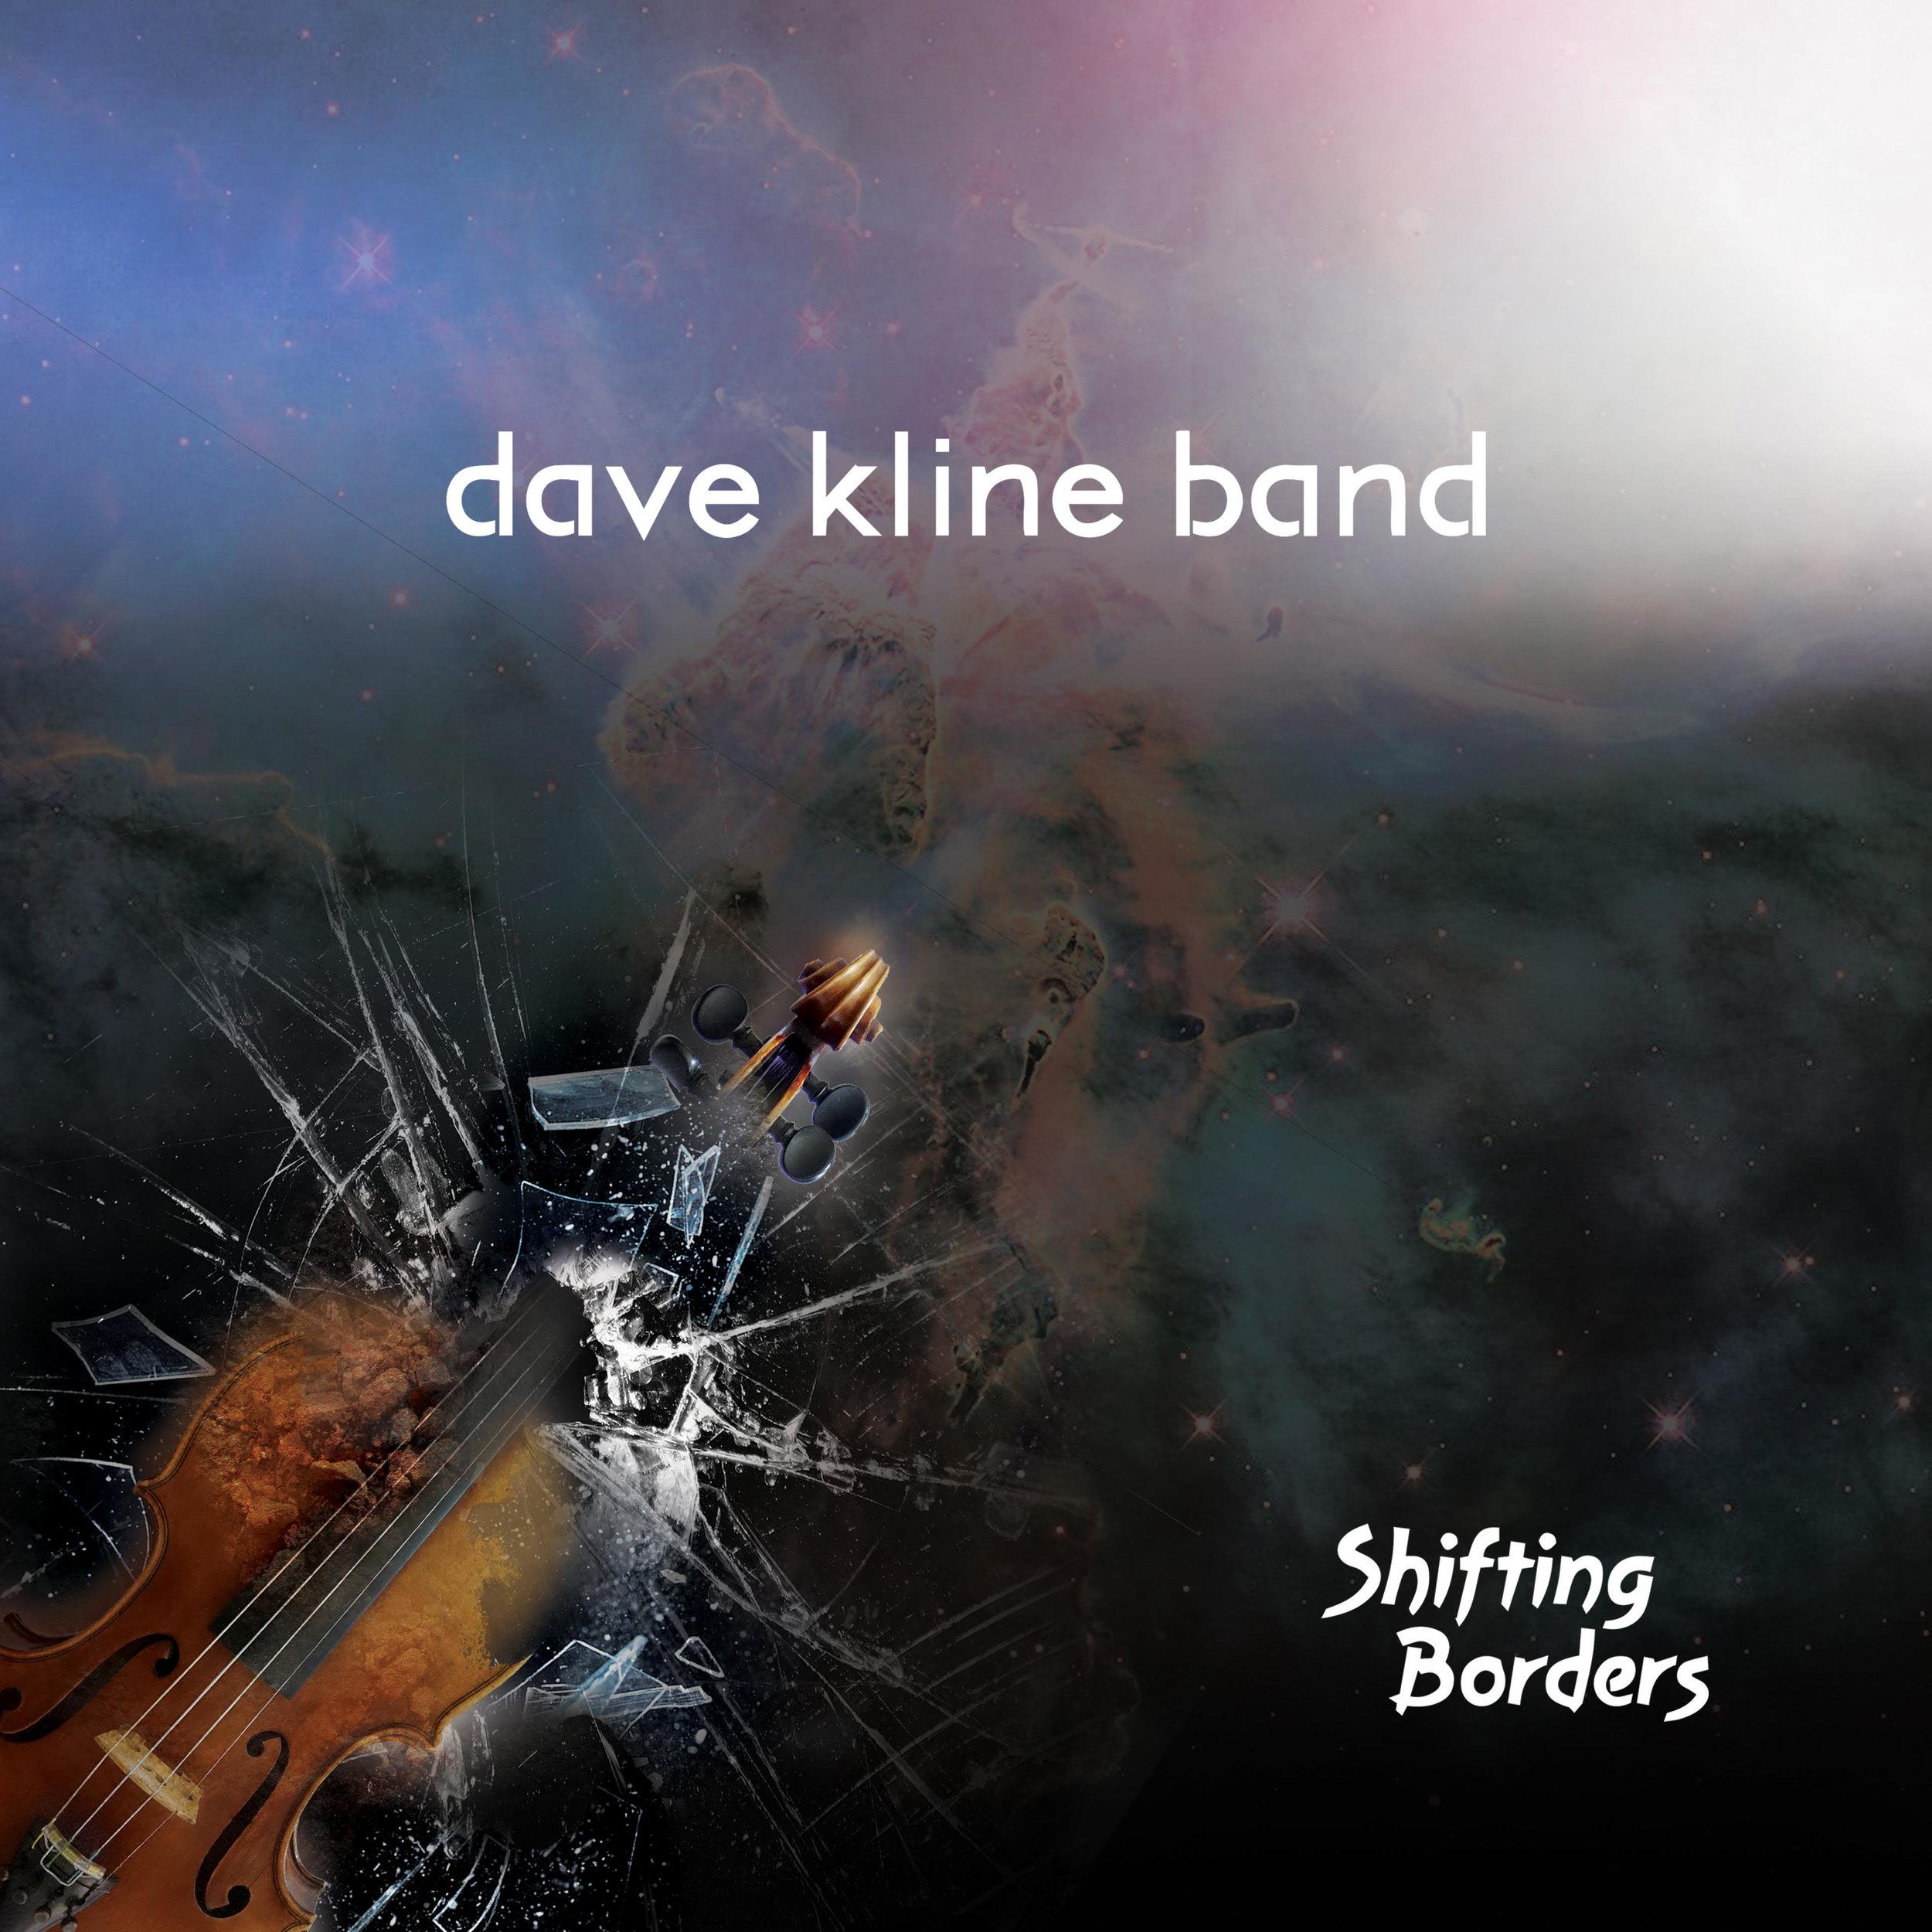 dave kline band shifting borders